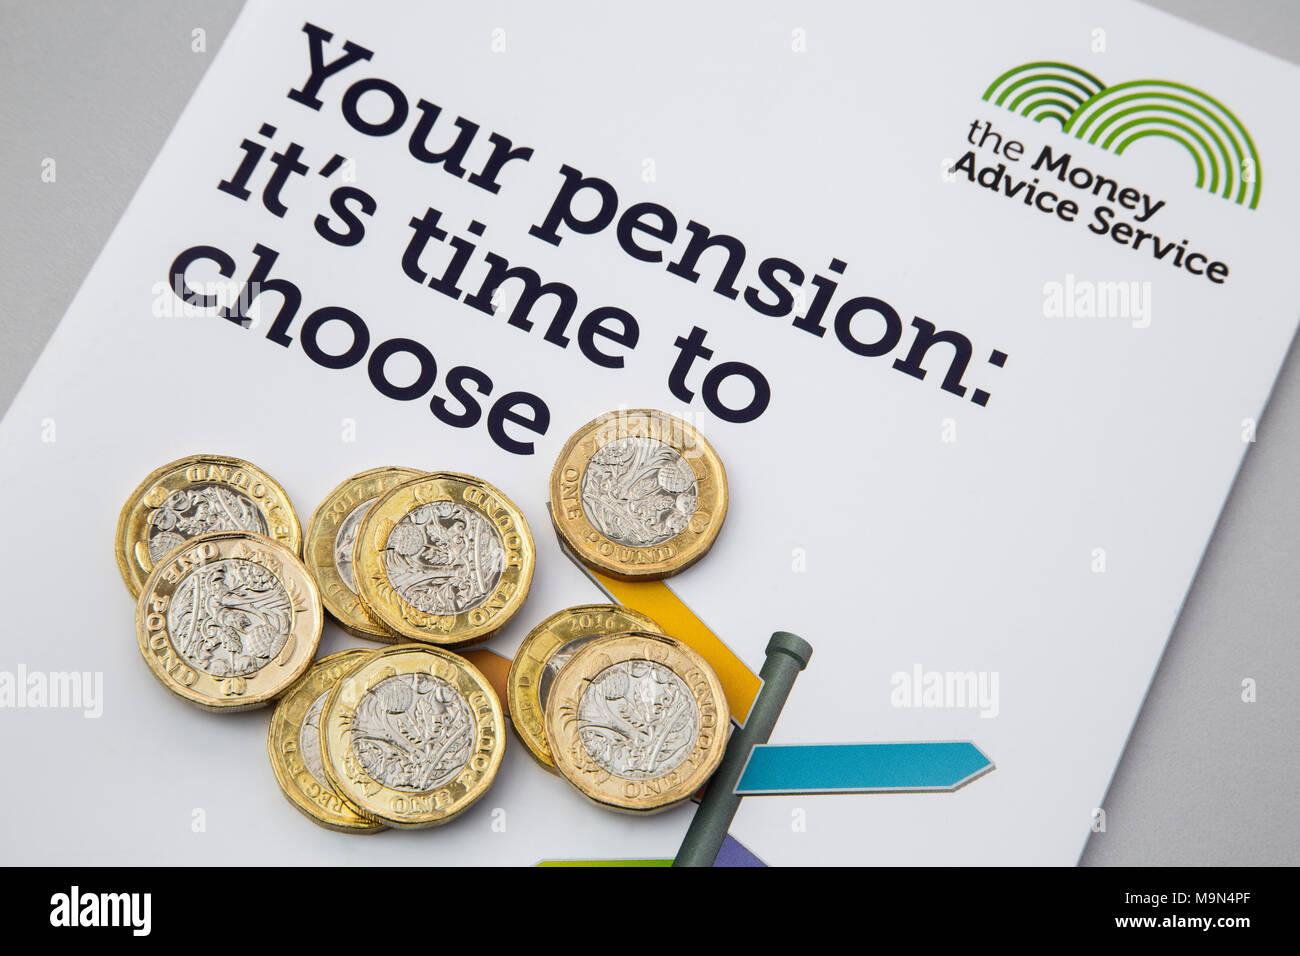 Las nuevas monedas de la libra esterlina británica libras en un servicio de asesoramiento de dinero tu pensión folleto acerca de la elección de las pensiones de jubilación. Inglaterra Gran Bretaña Foto de stock